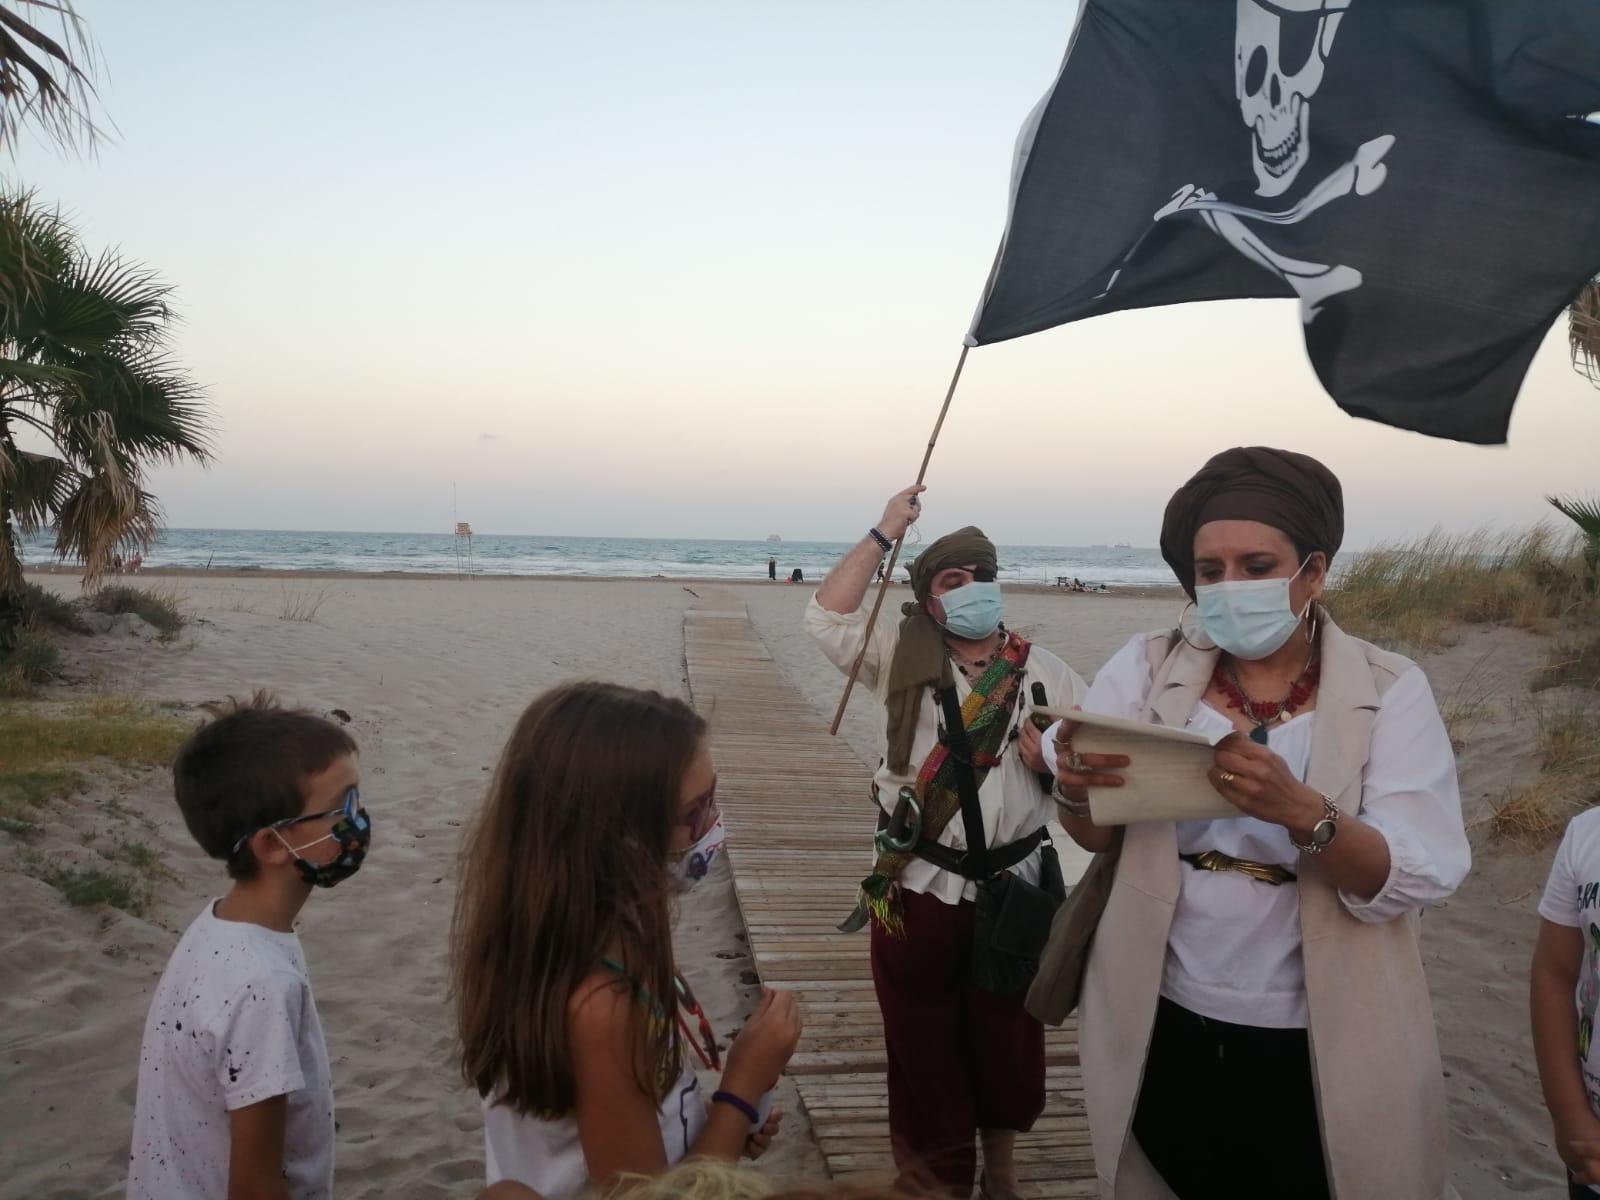 Dos personas vestidas de piratas teen una carta y enarbolan unabandera pirata en un paisaje de playa con dos niños mirando